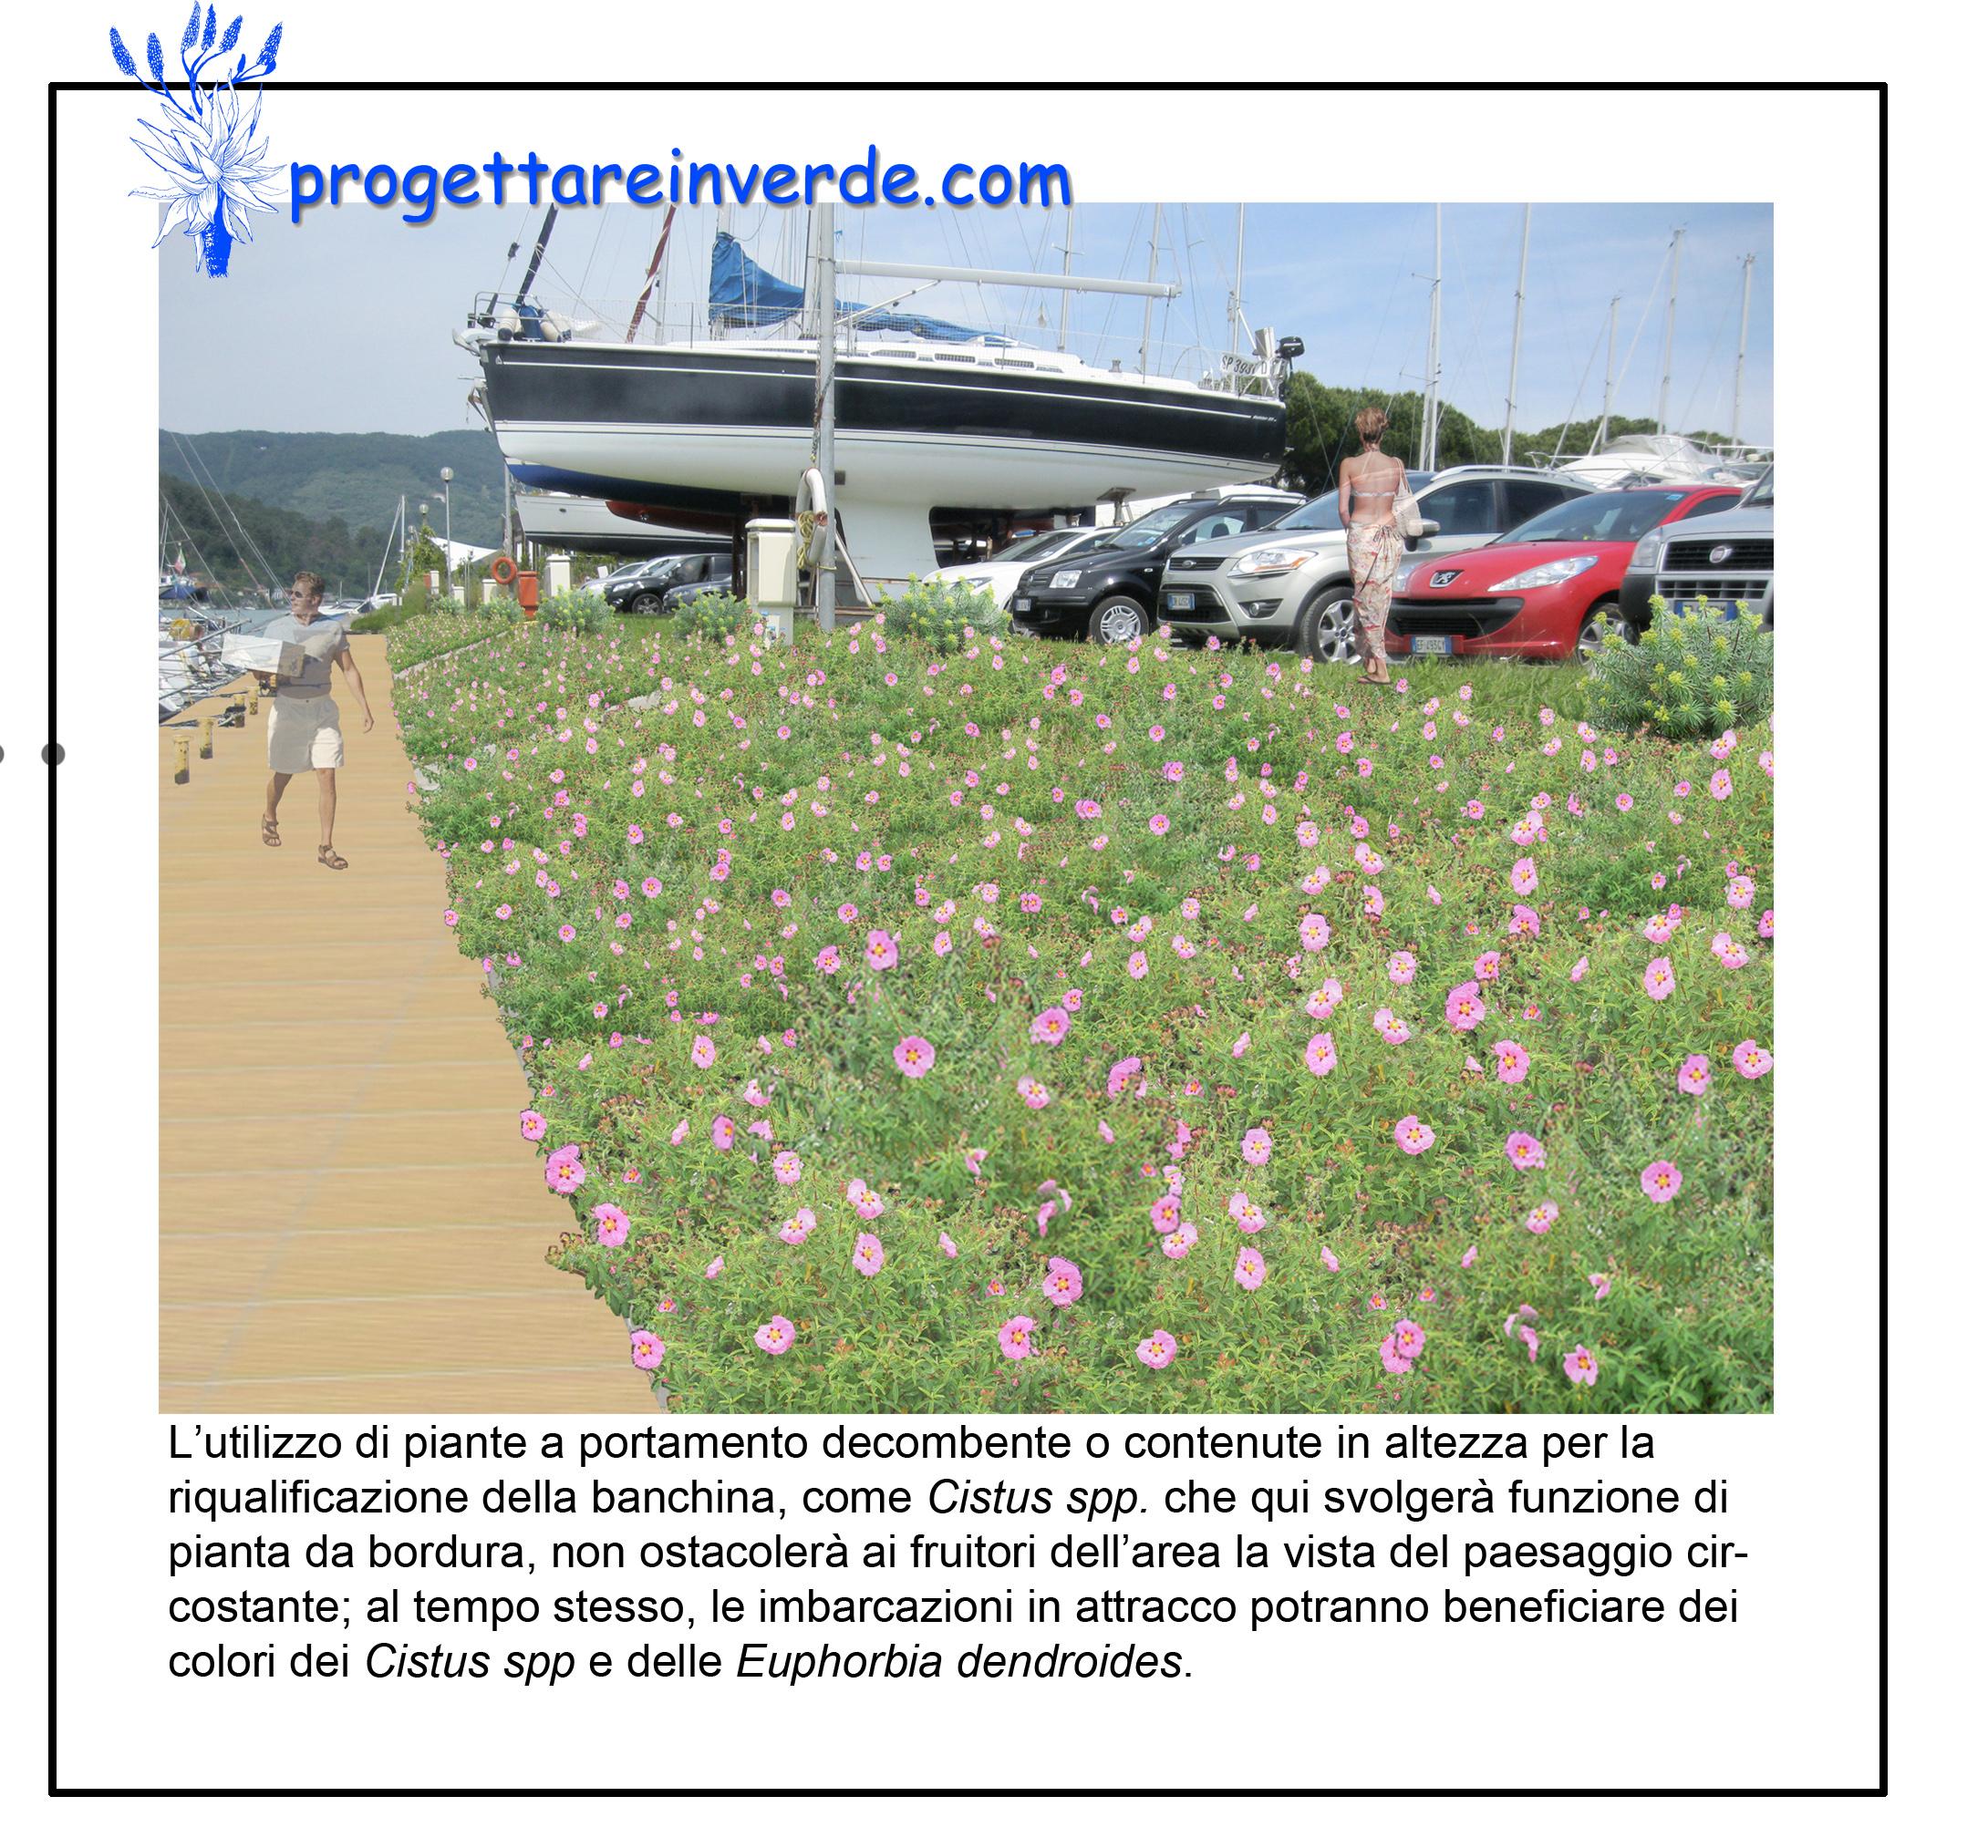 Riqualificazione paesaggistica ed ambientale di un centro di rimessaggio nautico